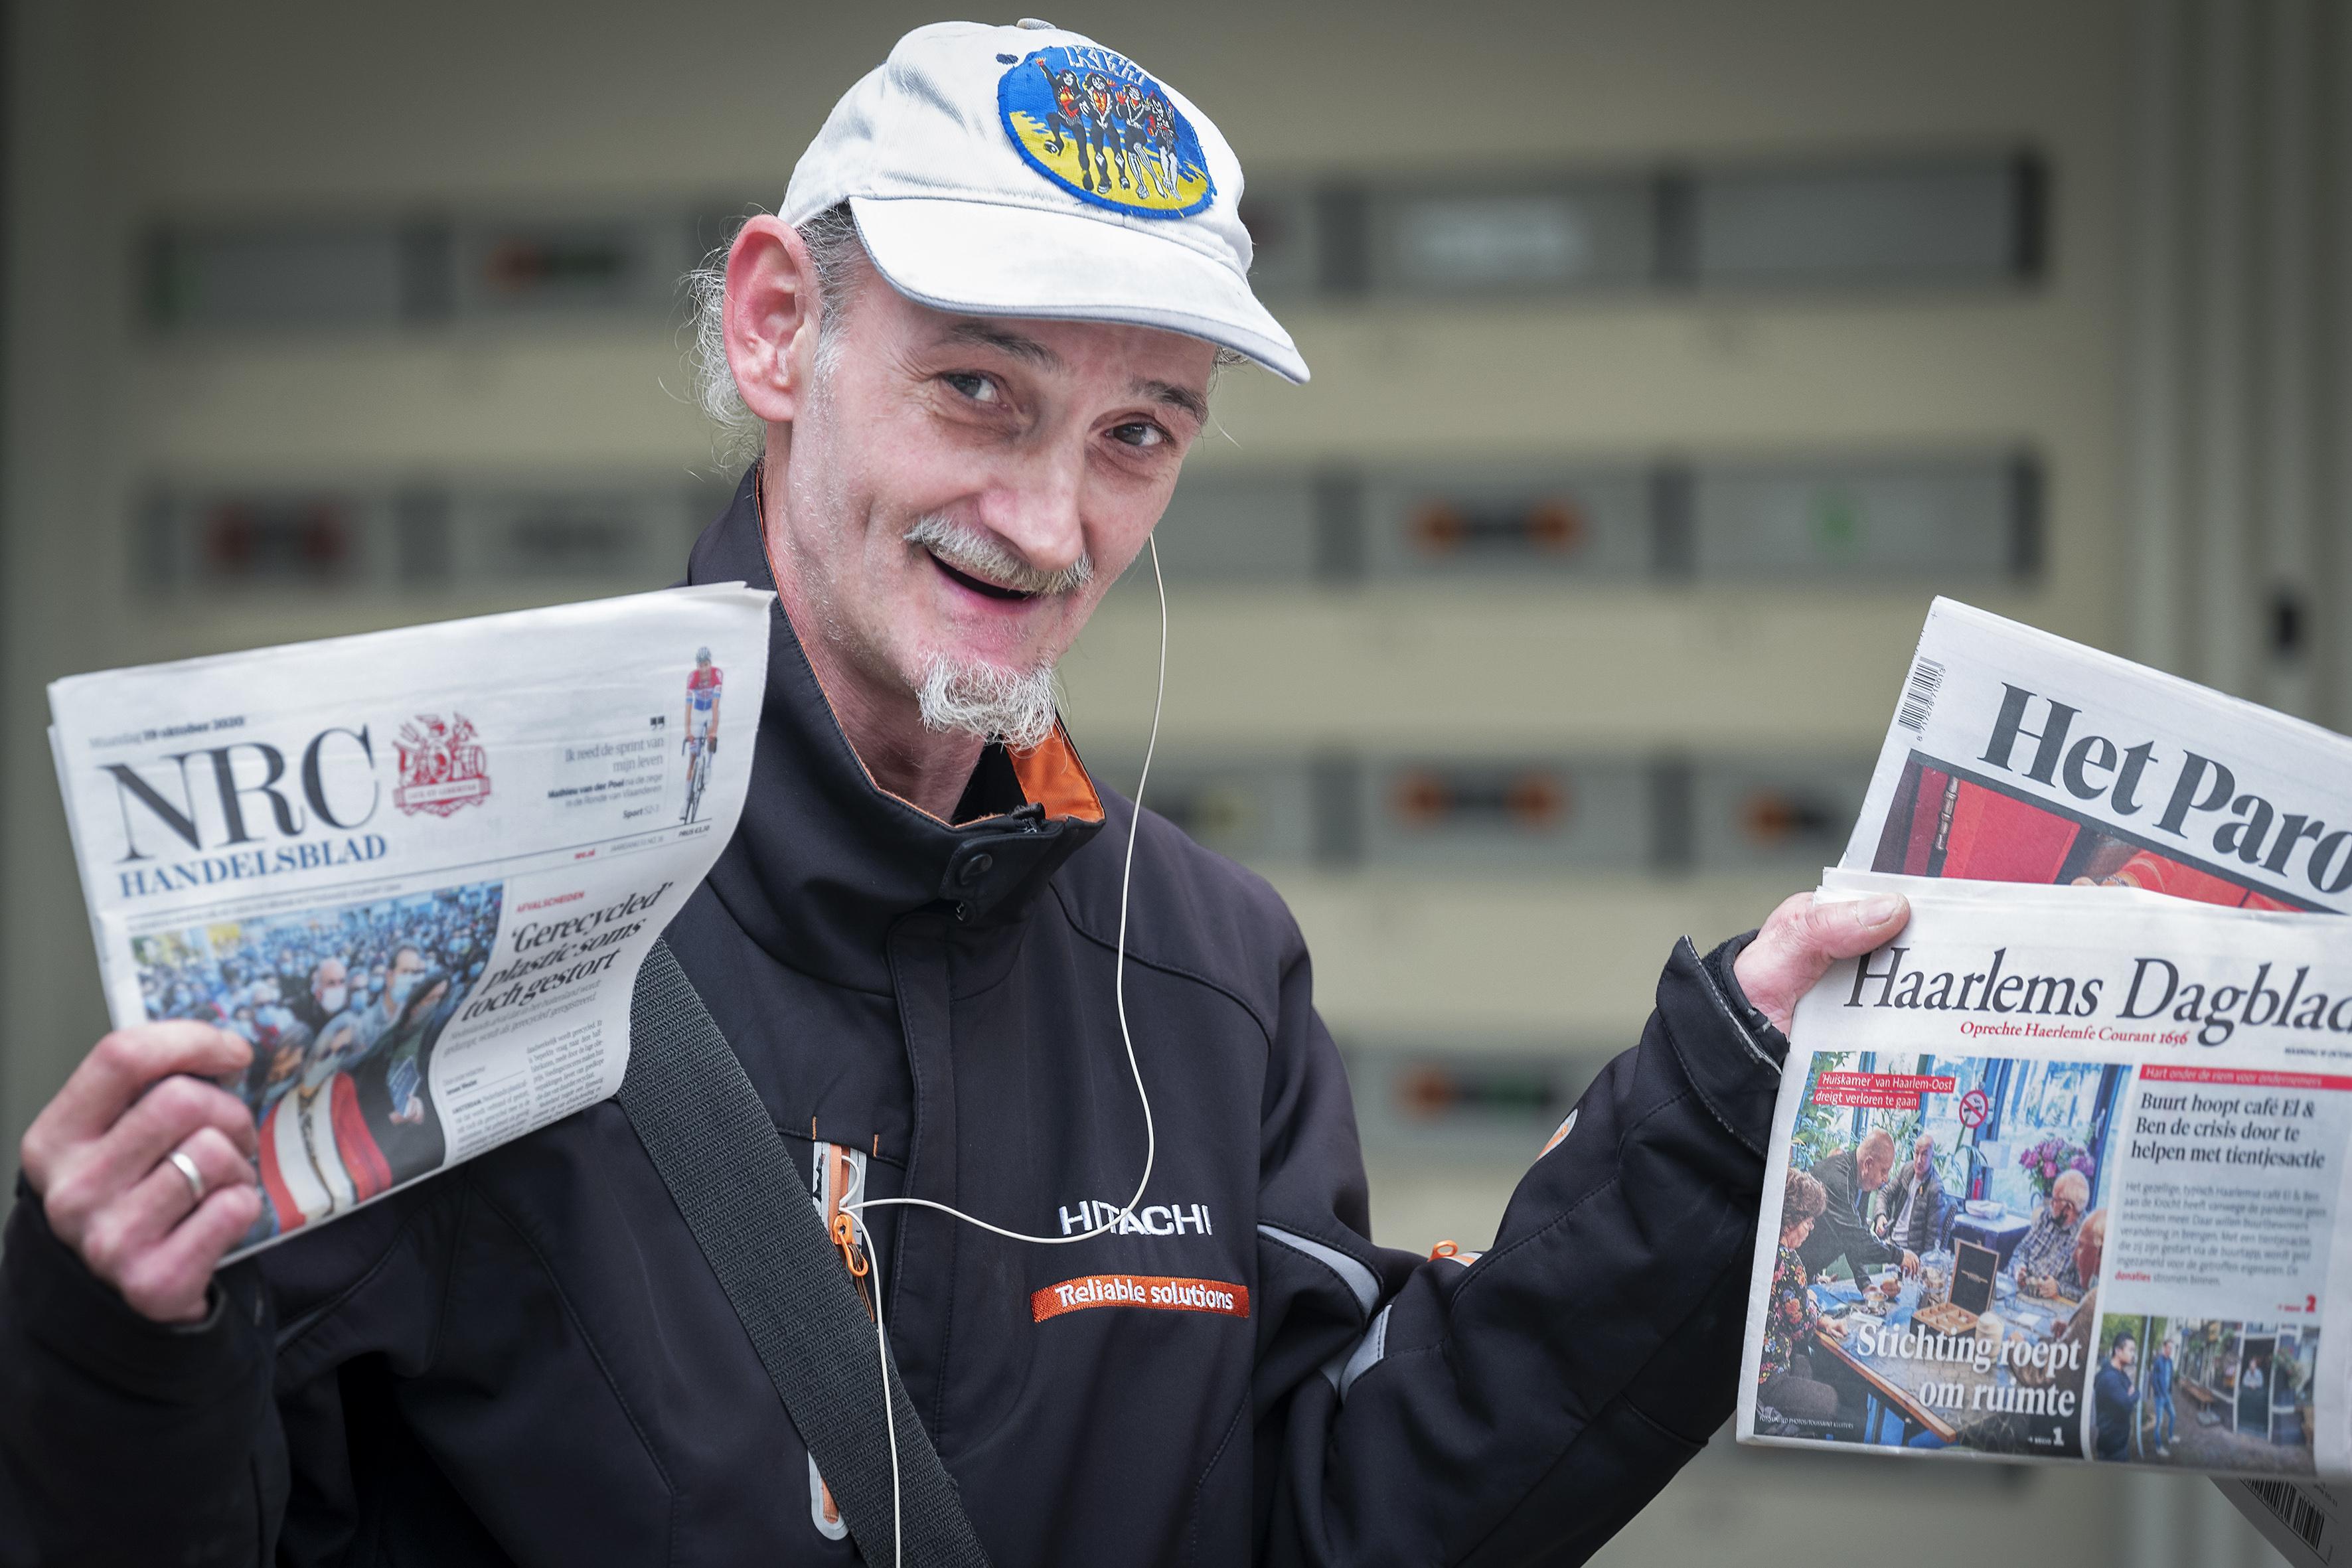 De Zingende Krantenman Gustaaf is geliefd in de wijk: 'Als ik even stil ben en mijn gezang niet te horen is, roept iemand op straat: 'Wat is dat? Niet zingen?!'